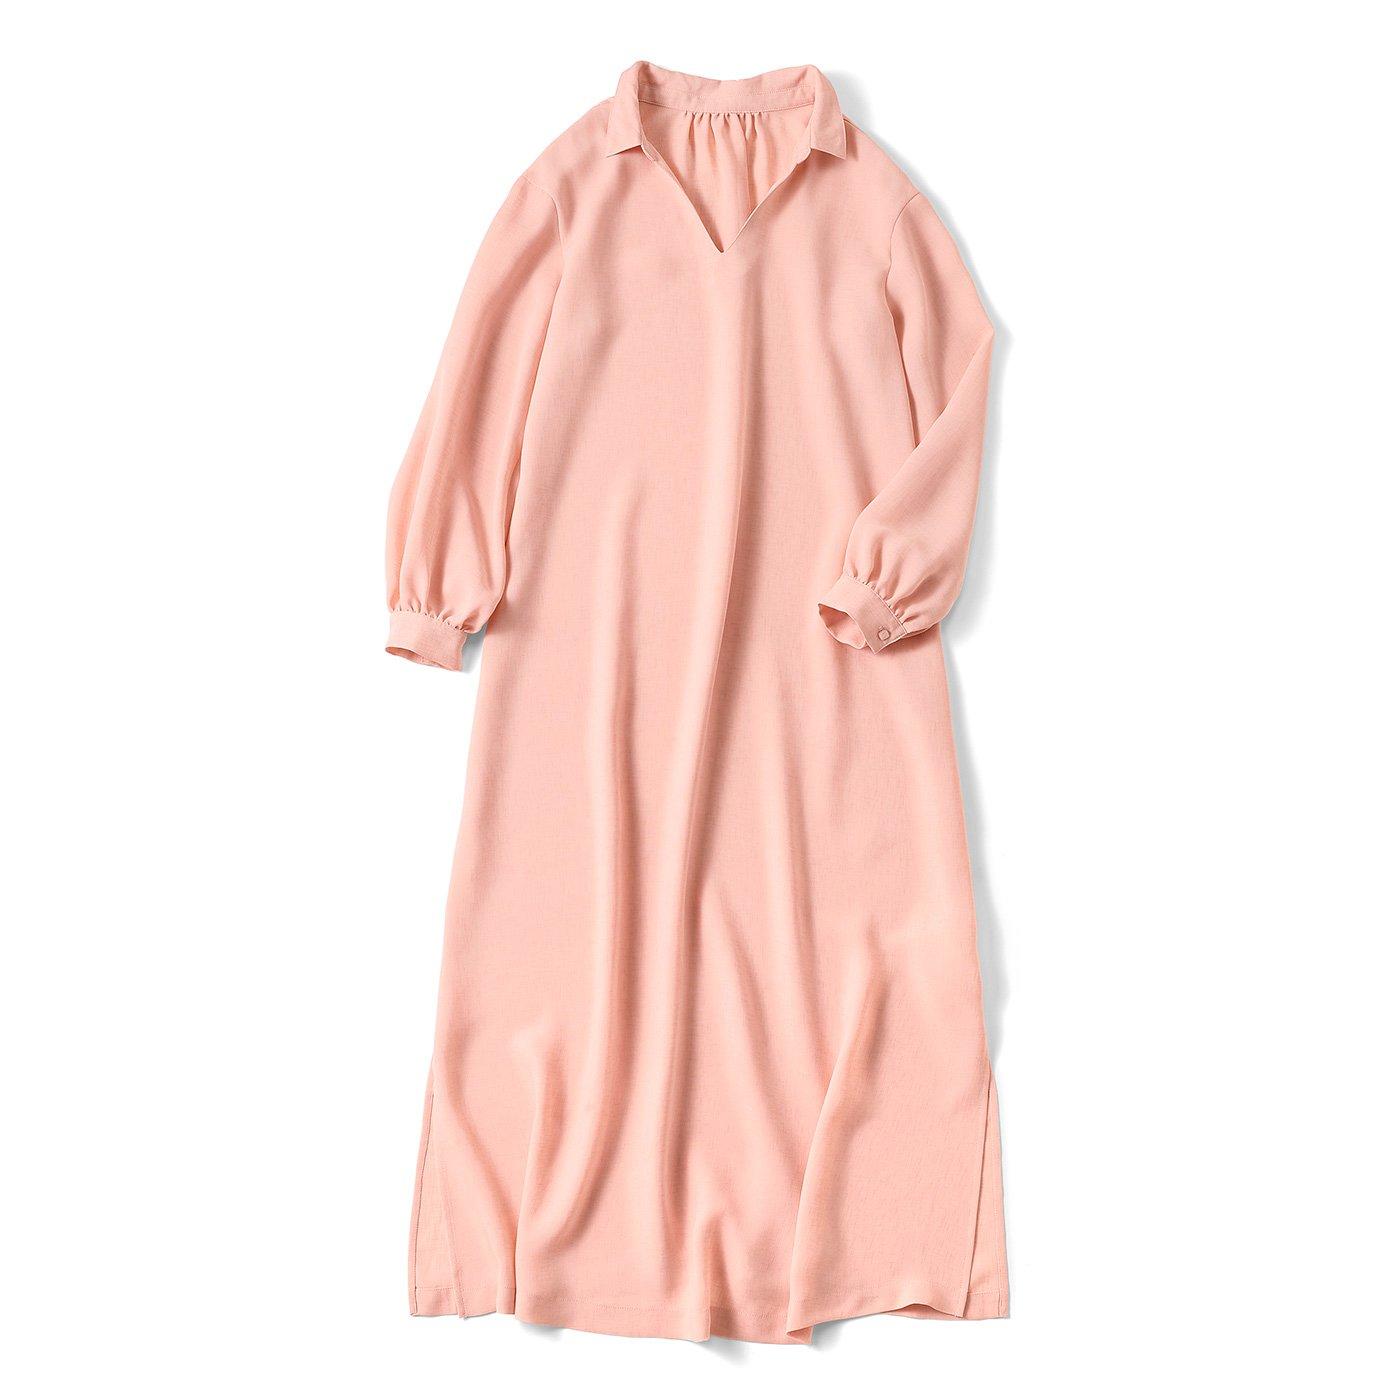 ゆるっと着こなす 軽やか薄素材ワンピース〈ベビーピンク〉